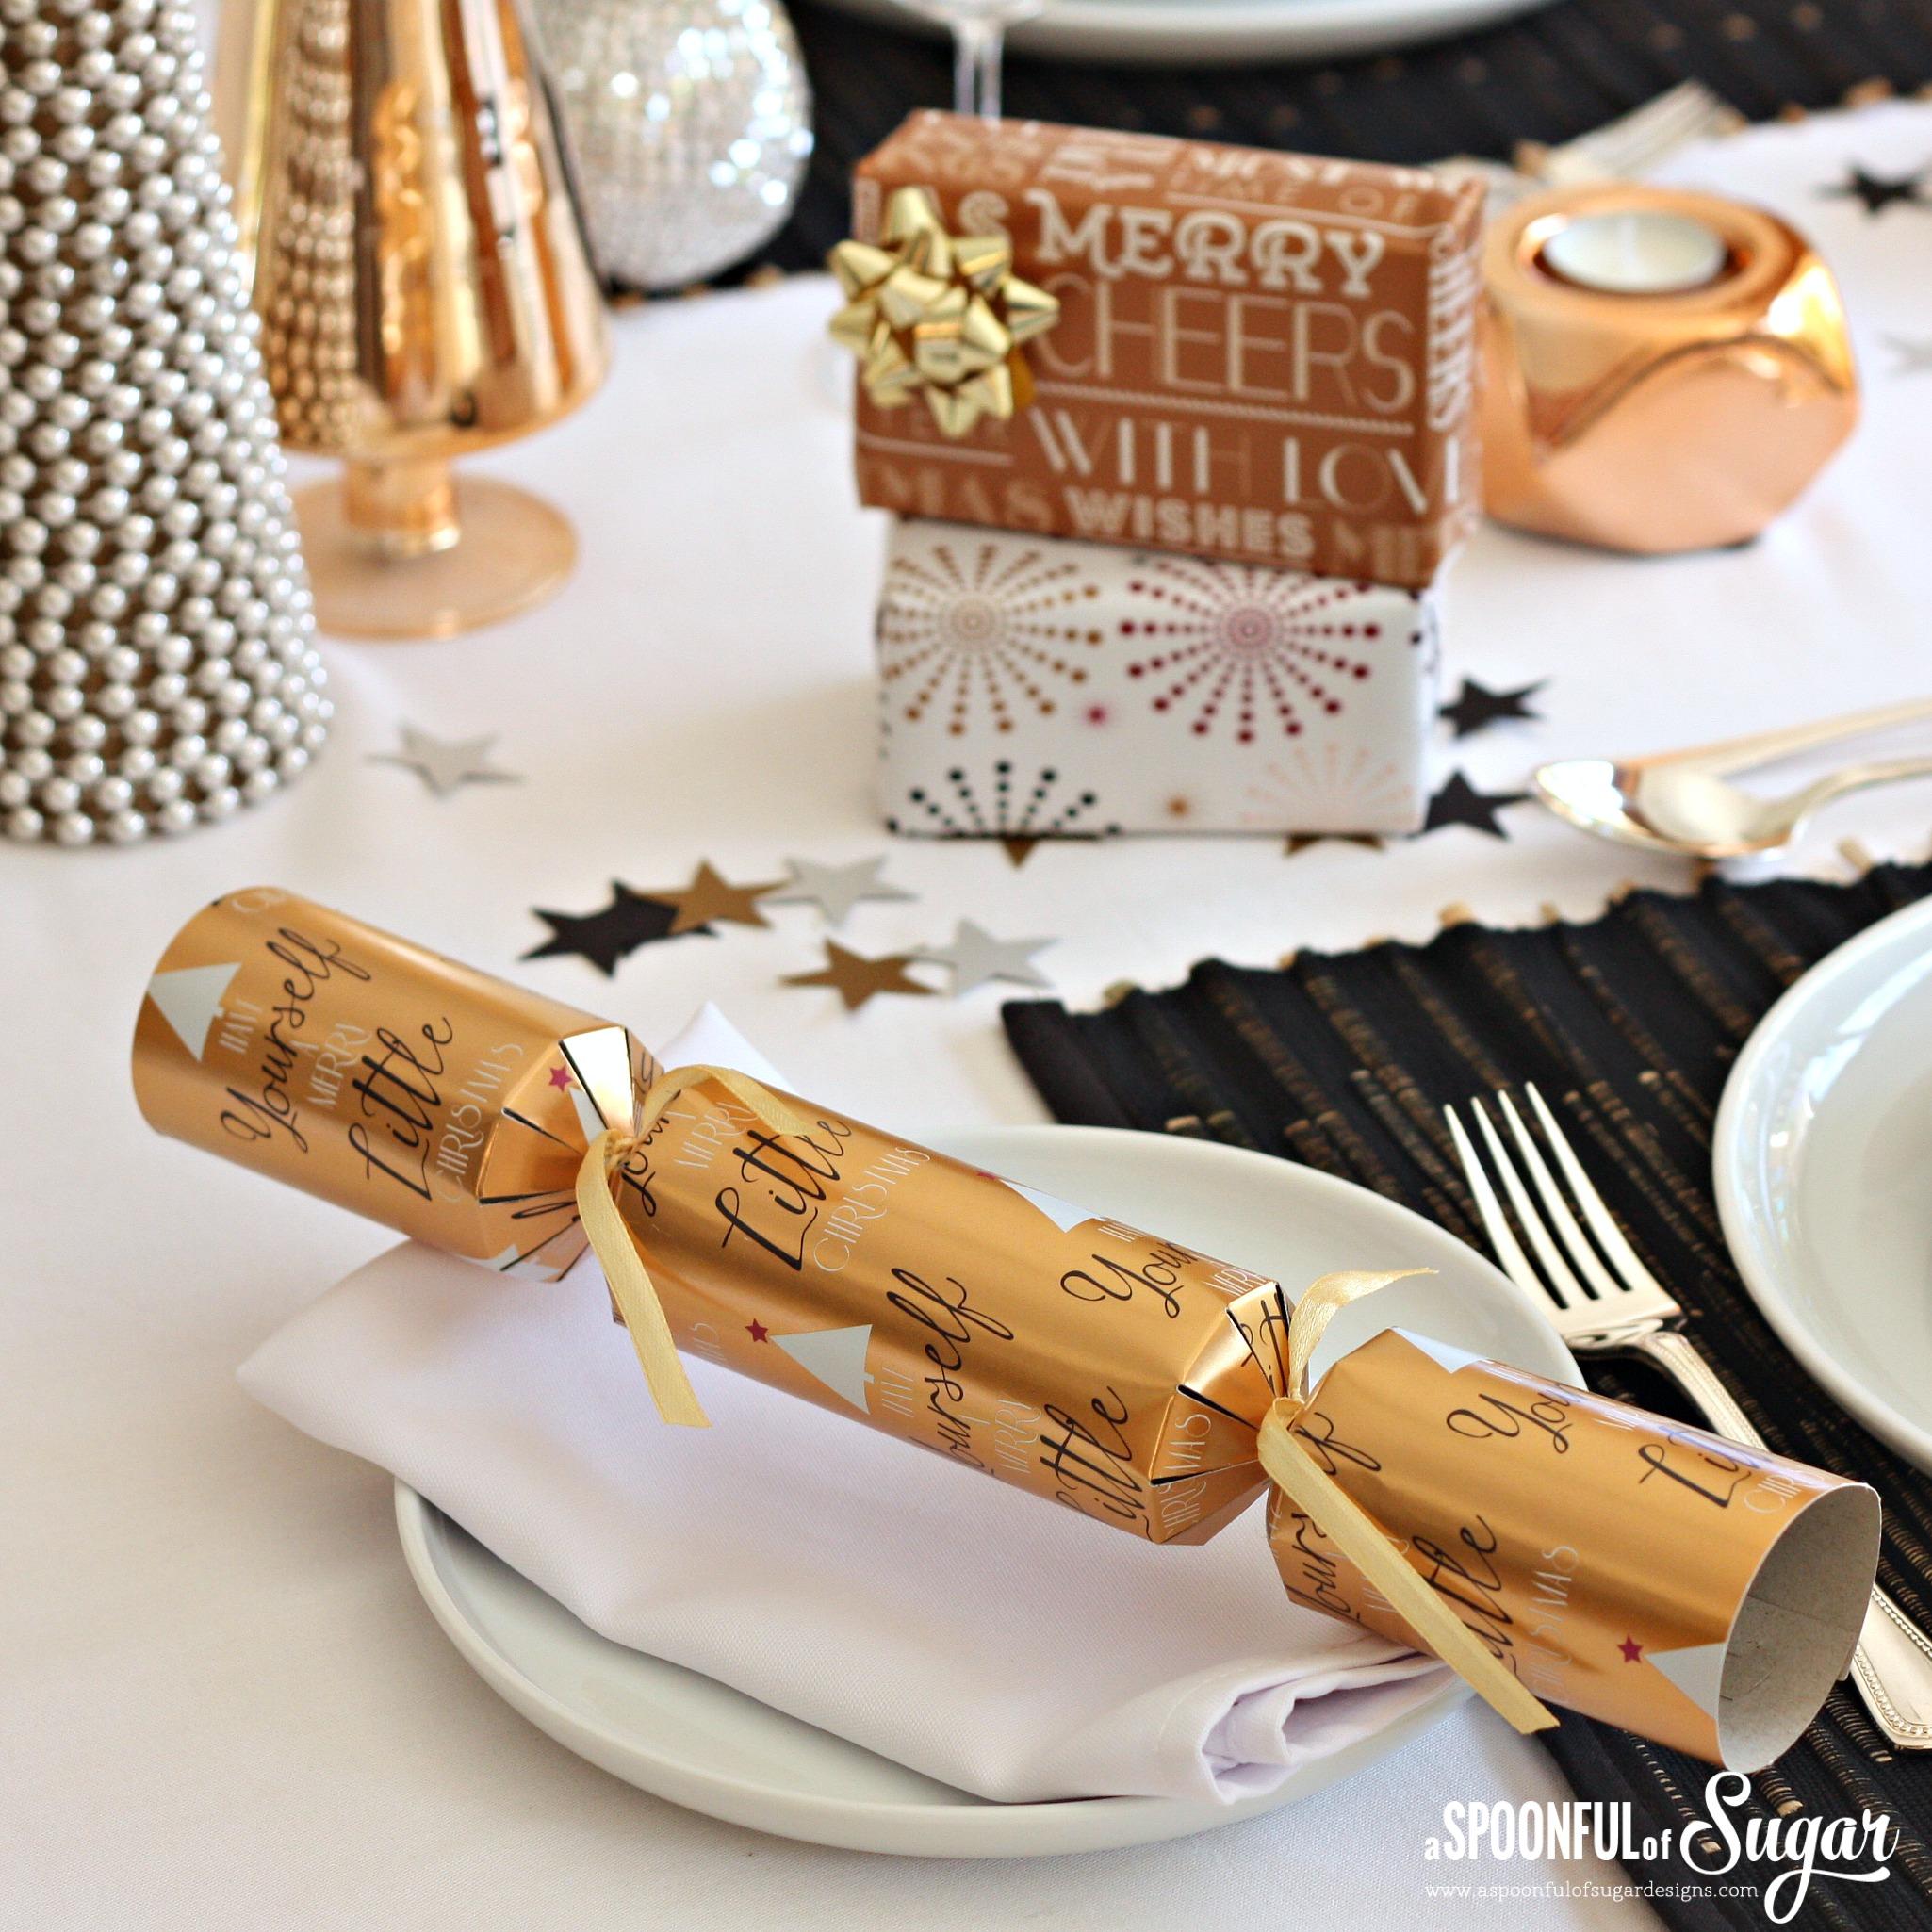 10 Simple Christmas Table Ideas